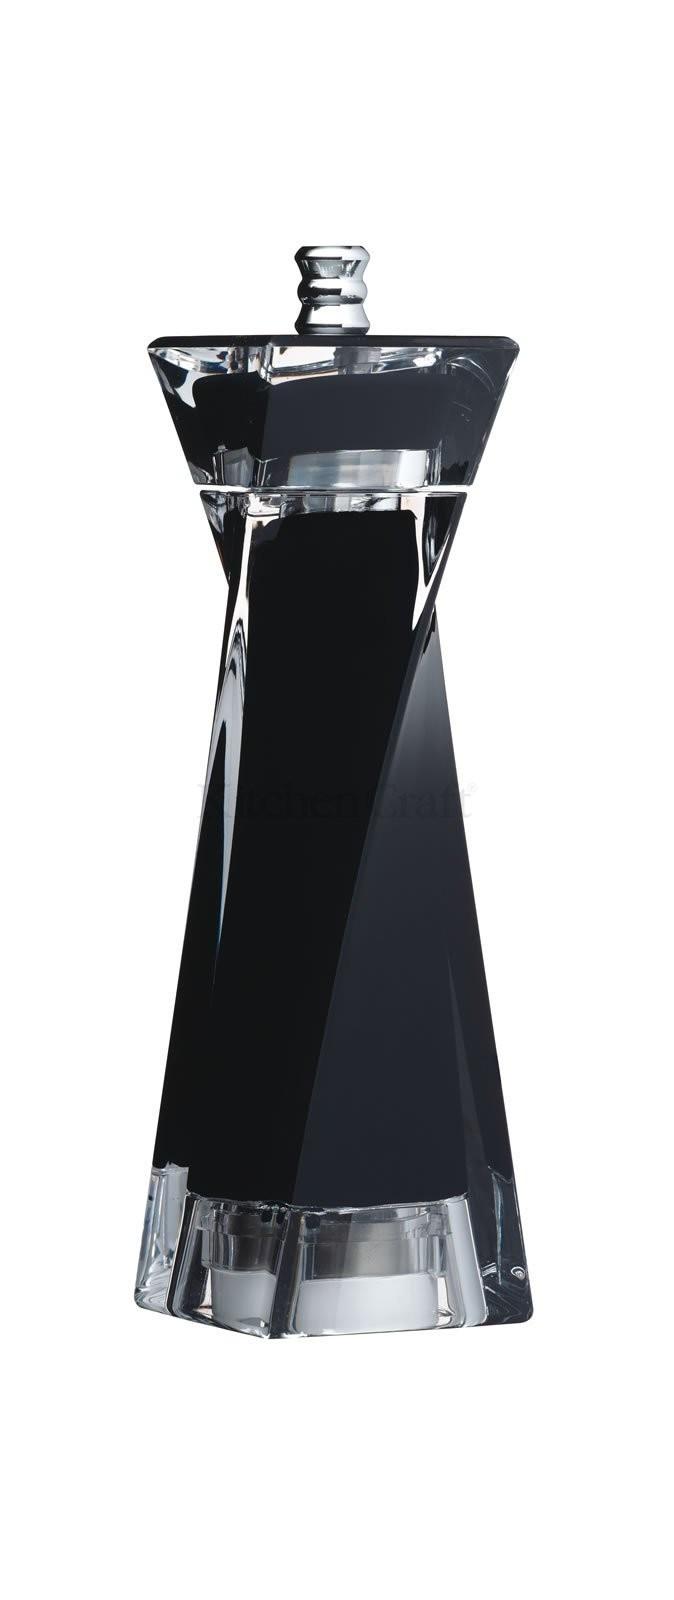 μύλος για πιπέρι masterclass ακρυλικός 17cm home   αξεσουαρ κουζινας   μύλοι αλατοπίπερου